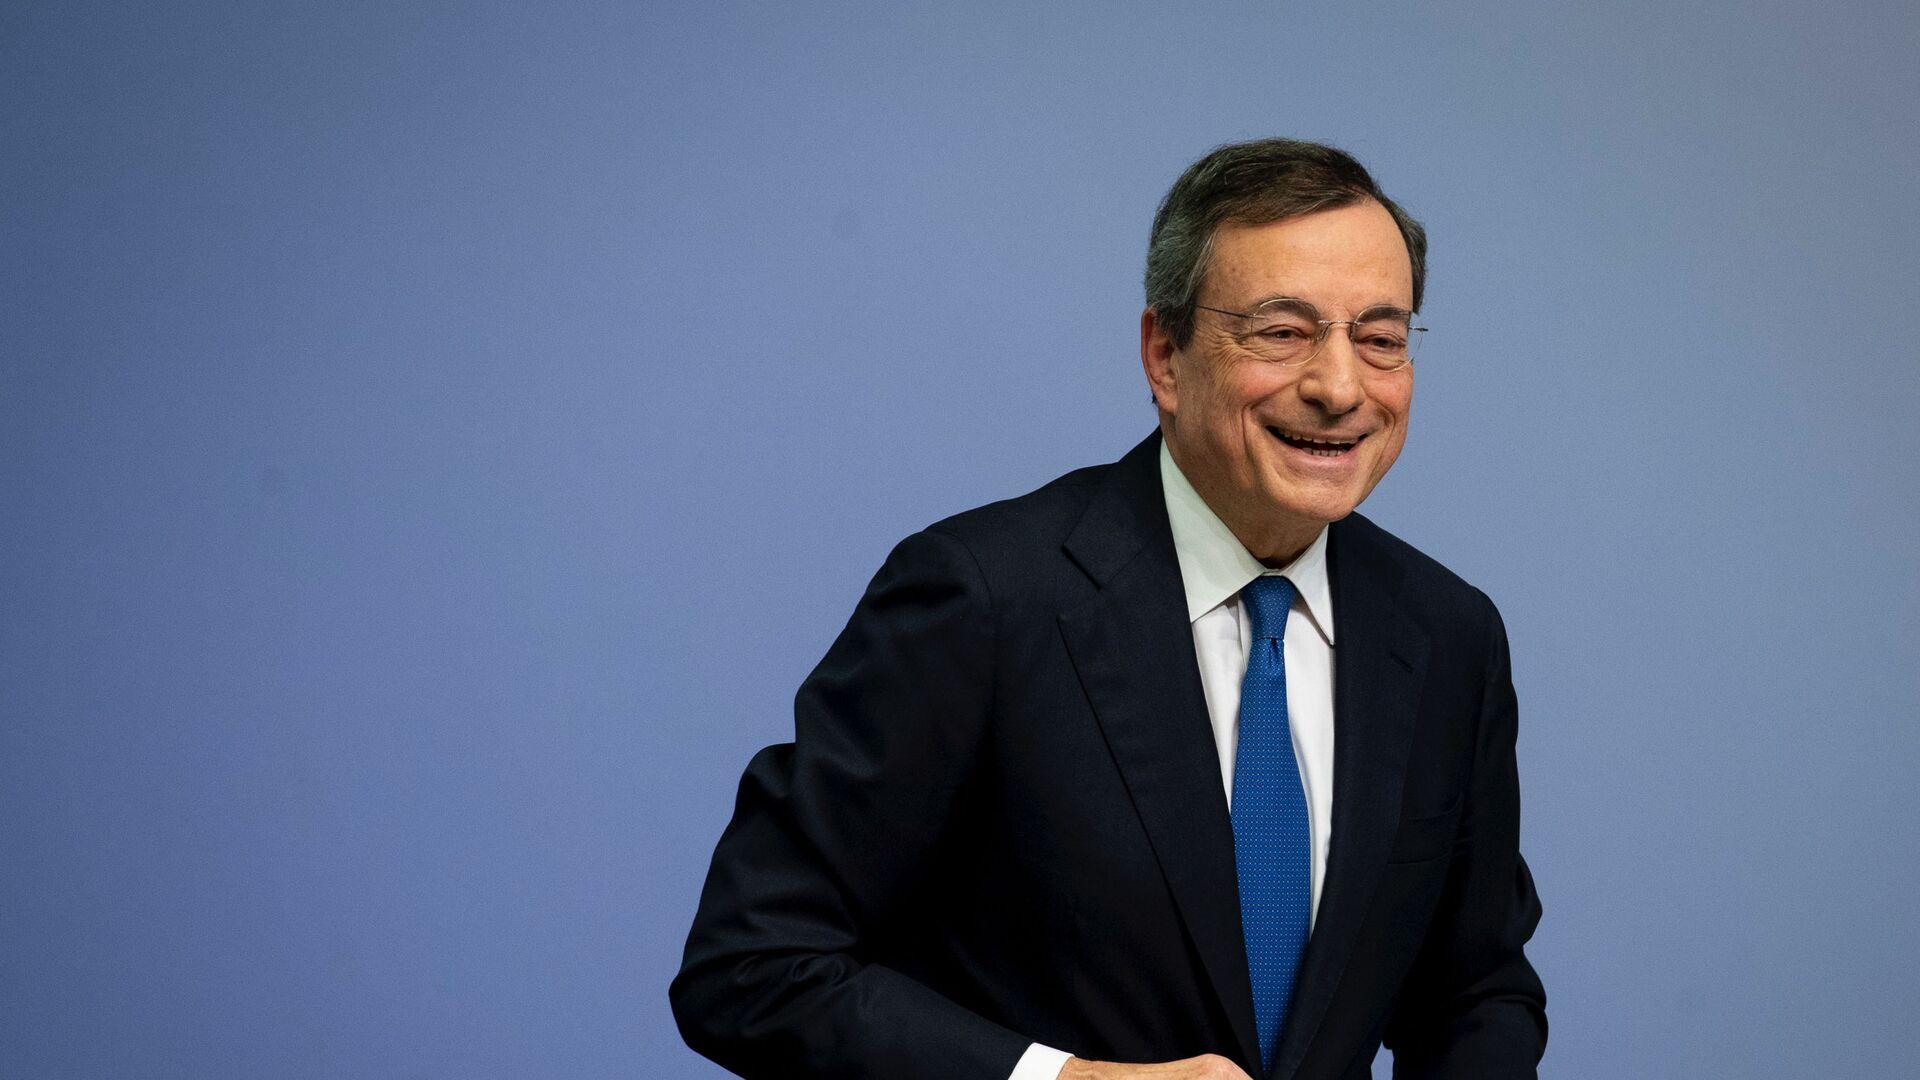 Mario Draghi dopo una conferenza stampa a Francoforte - Sputnik Italia, 1920, 04.02.2021